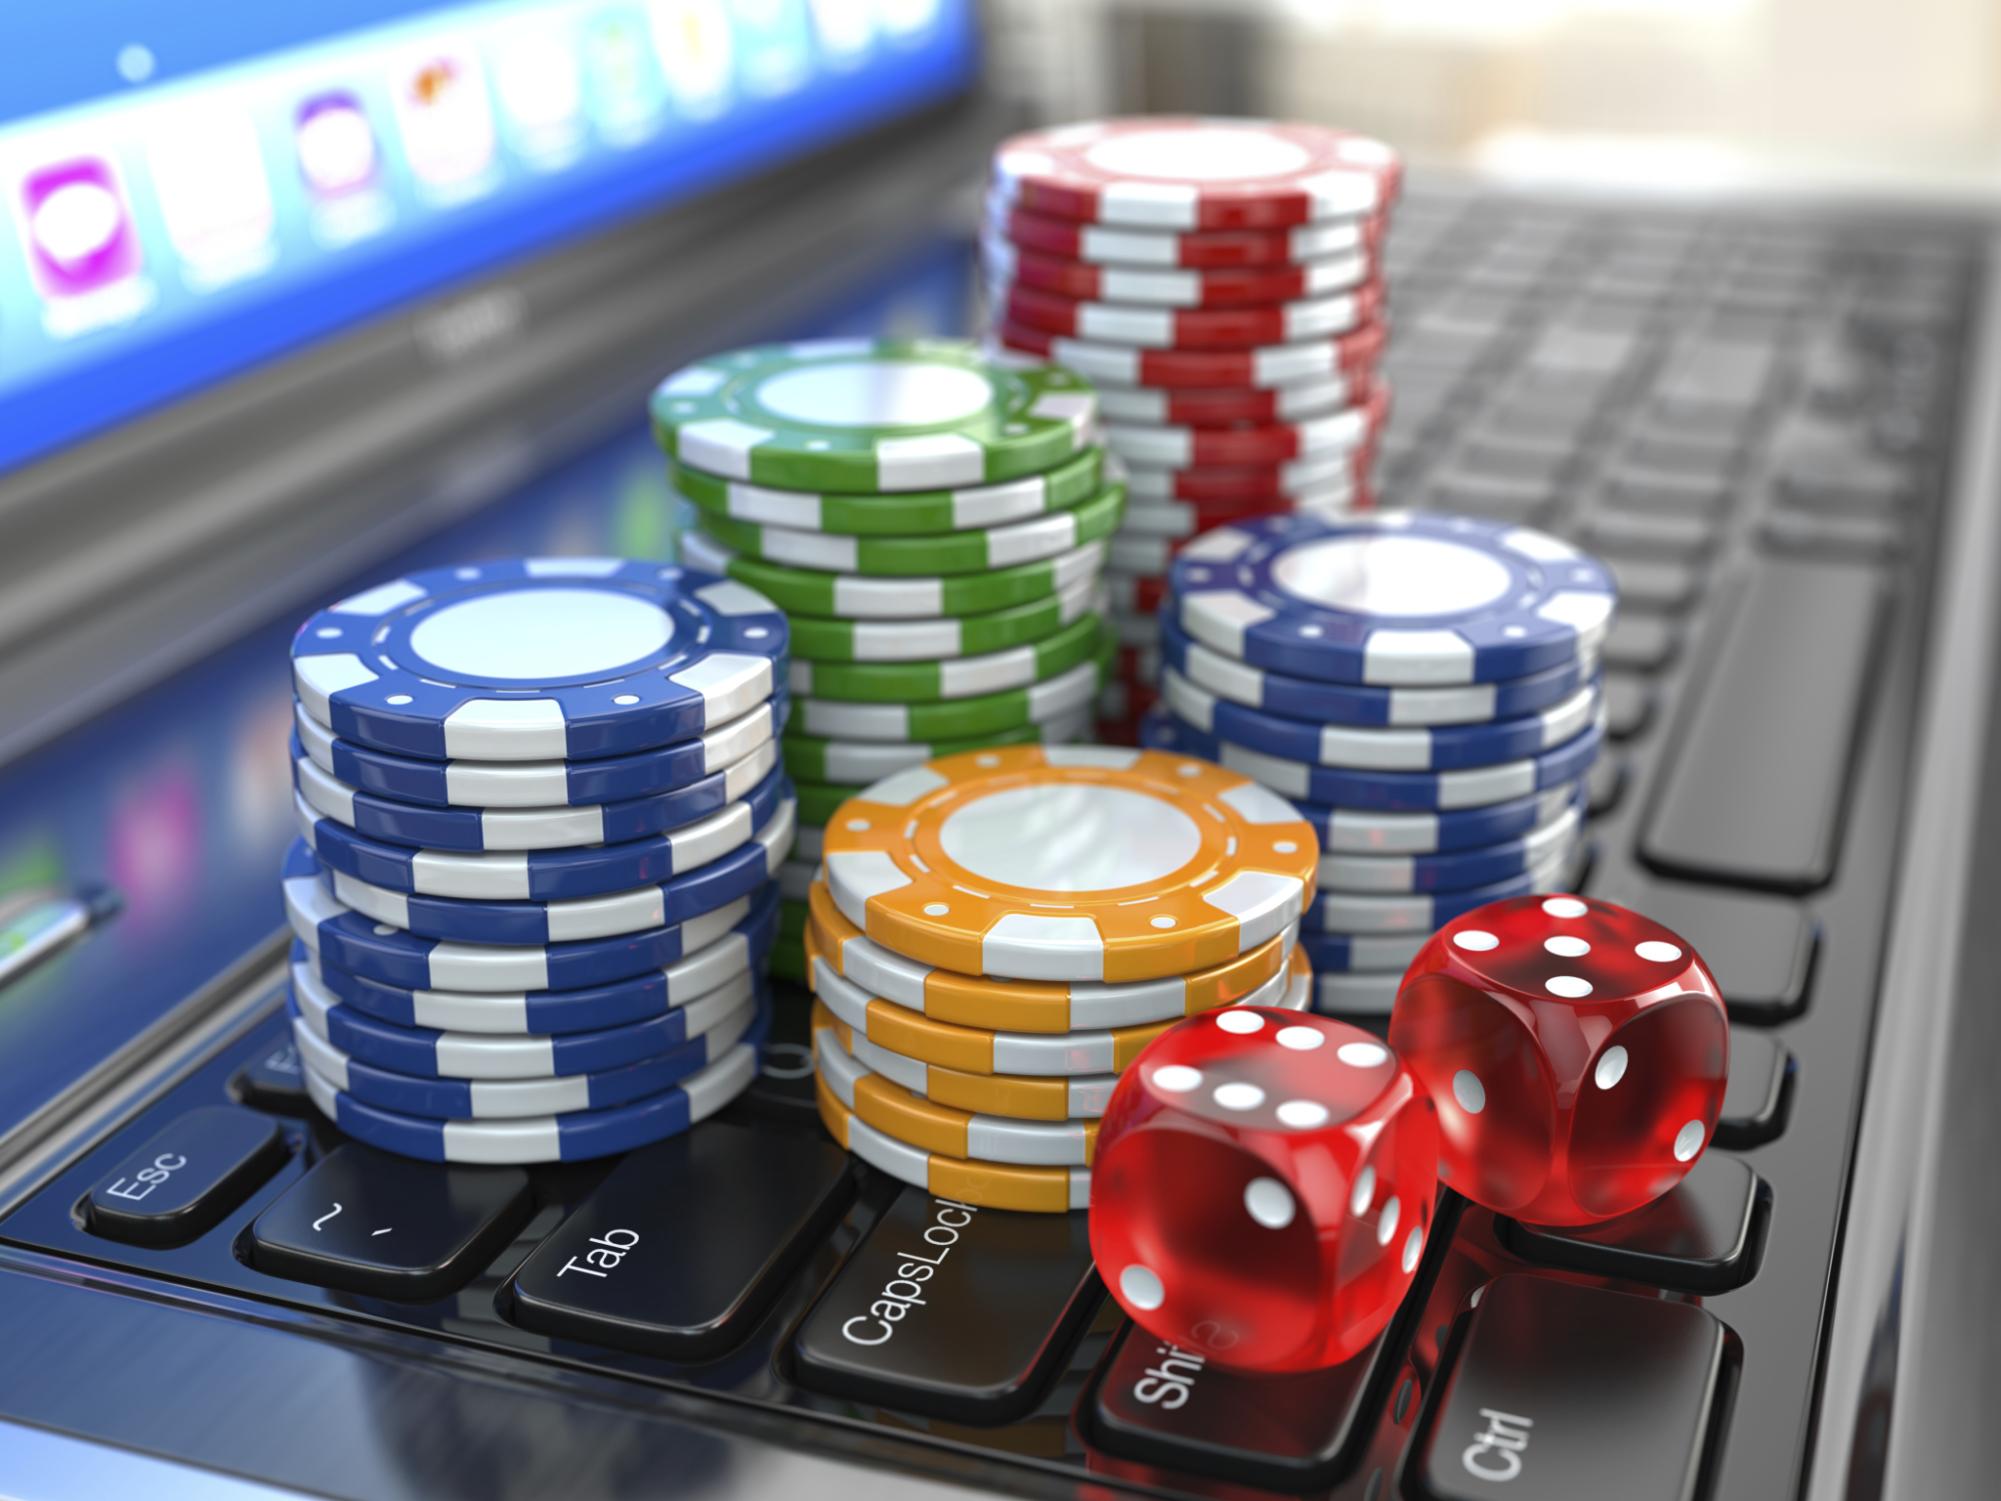 Квк выбрать лучшее казино в режиме онлайн